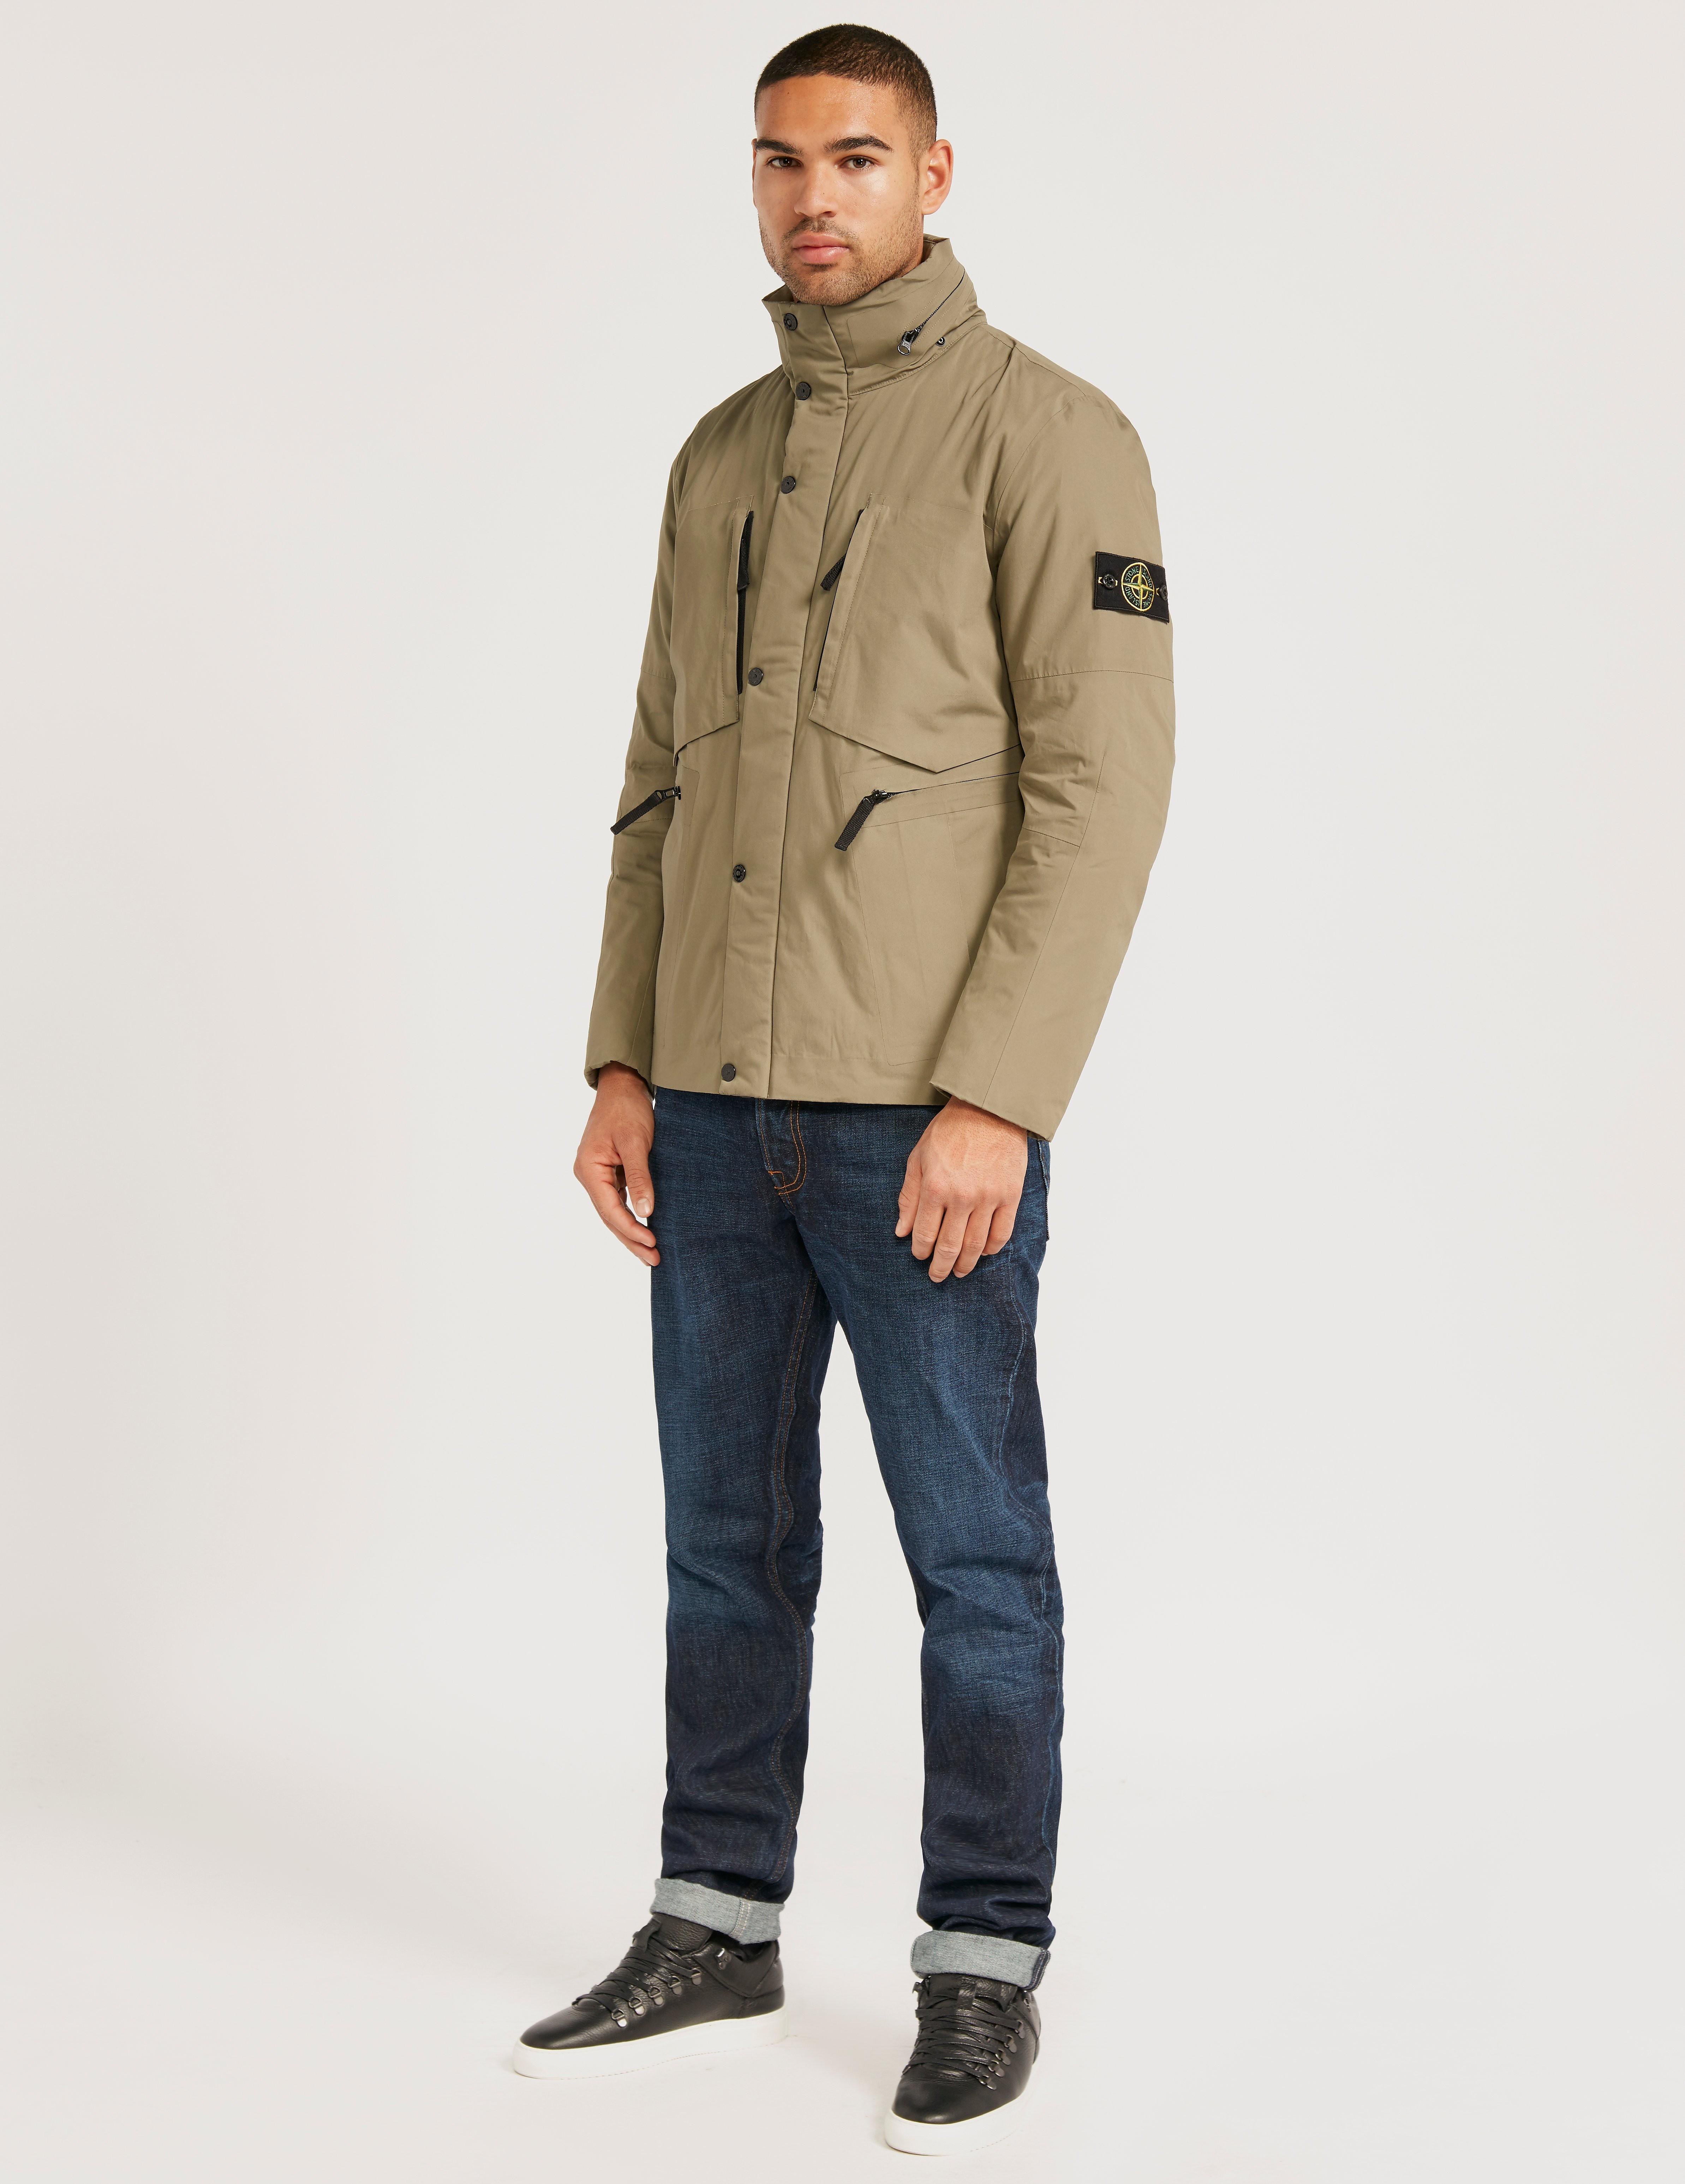 Stone Island Supima Jacket